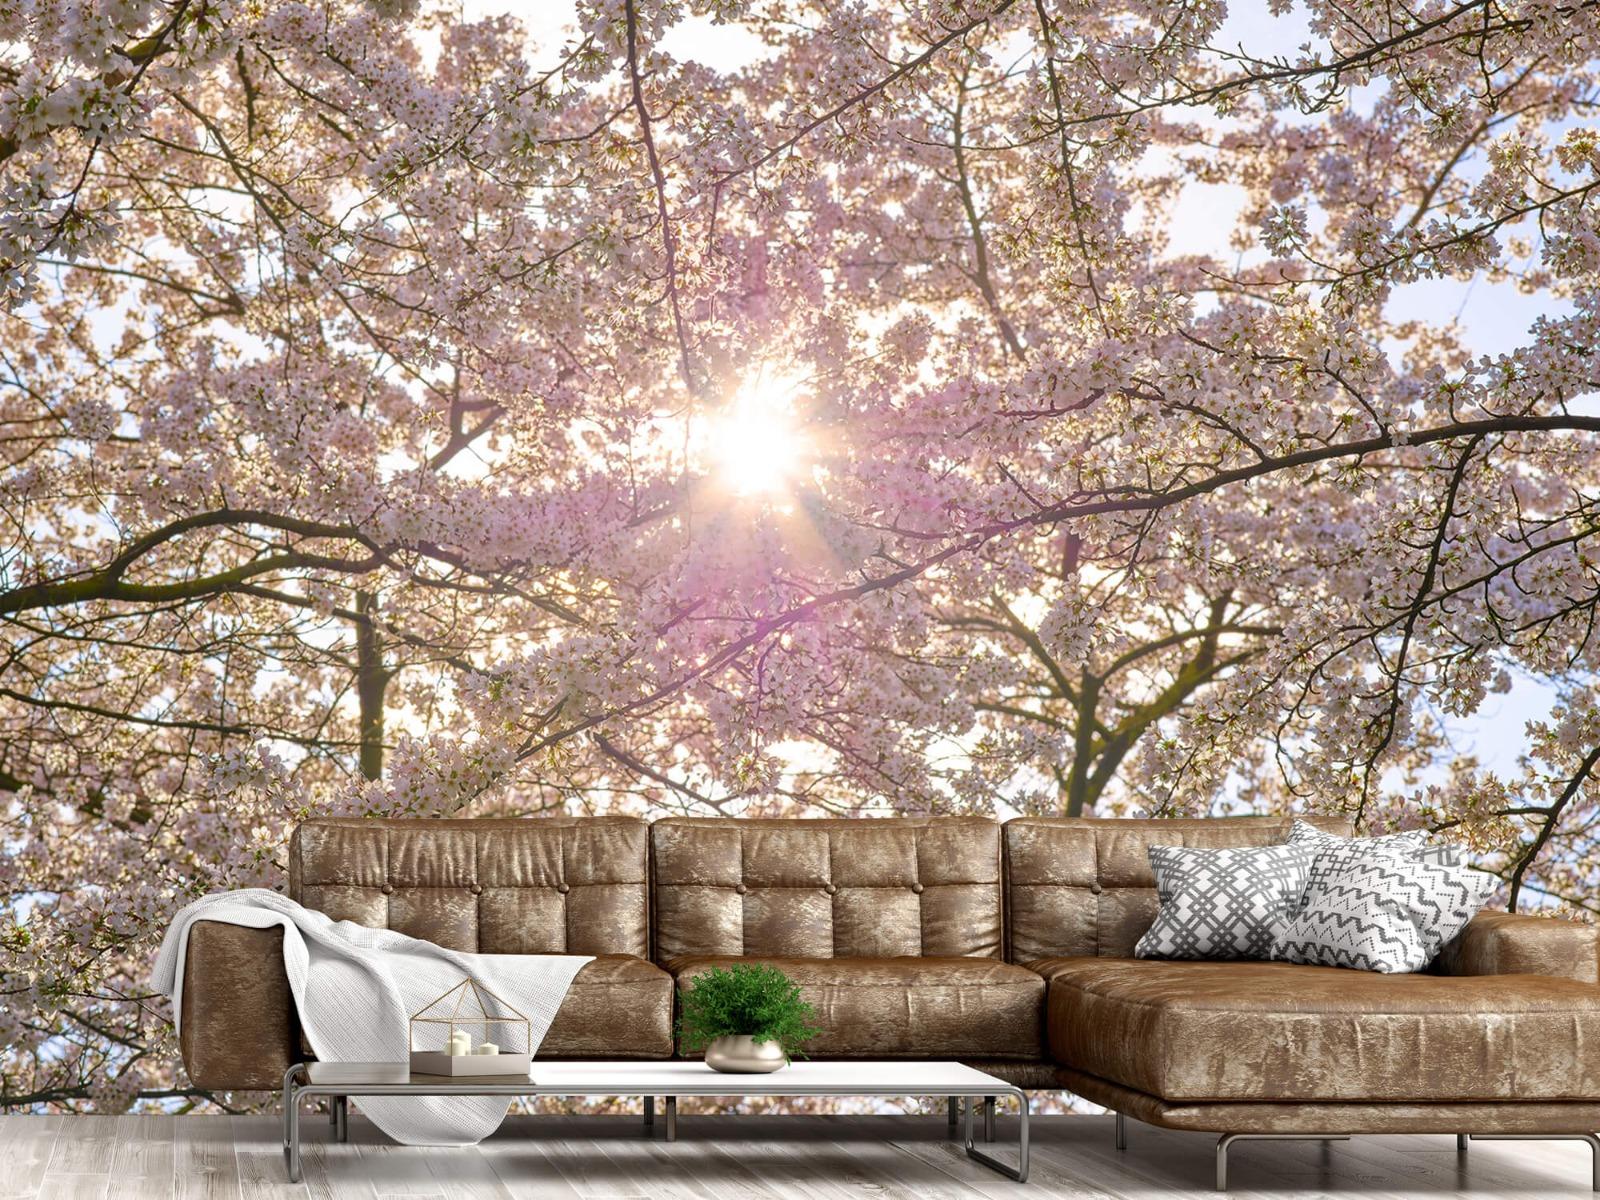 Zon - Bloesem in de zon - Woonkamer 14